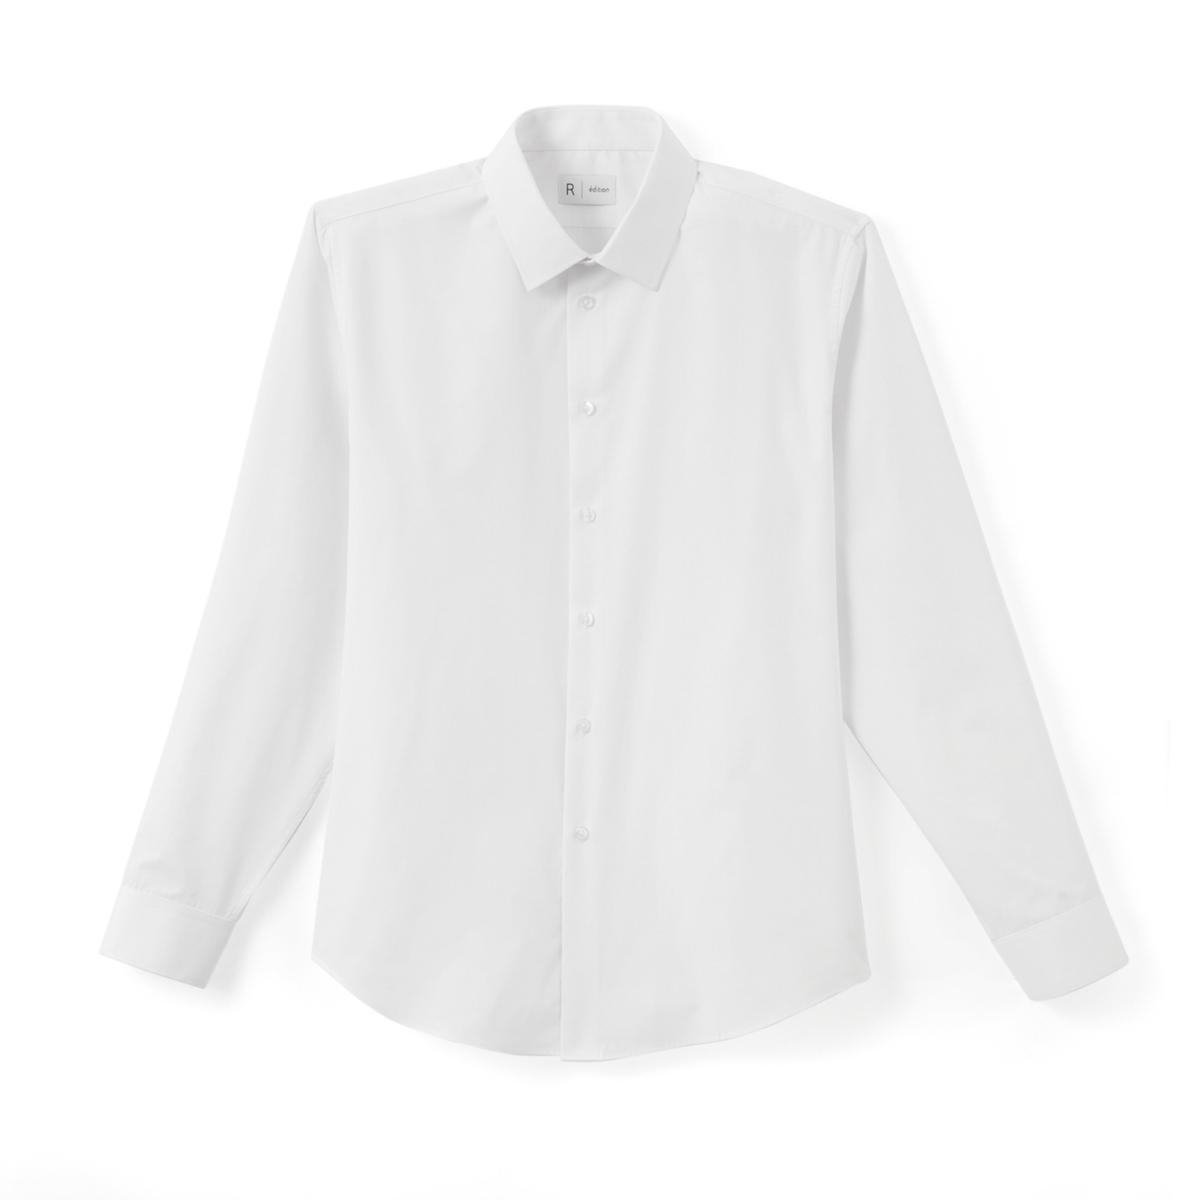 Рубашка узкого покрояРубашка с длинными рукавами. Облегающий покрой. Классический воротник со свободными кончиками . Легкая глажка.Состав и описание : Материал         55% хлопка, 45% полиэстераДлина       78,5 см Марка          R edition Уход: :Машинная стирка при 30° на деликатном режиме с вещами подобного цвета  Стирка и глажка с изнаночной стороныСухая чистка и машинная сушка запрещеныГладить на низкой температуре<br><br>Цвет: белый,небесно-голубой,розовый,синий морской,черный<br>Размер: 35/36.43/44.37/38.45/46.39/40.47/48.41/42.49/50.37/38.43/44.35/36.45/46.39/40.45/46.37/38.47/48.41/42.45/46.39/40.45/46.39/40.43/44.37/38.43/44.37/38.47/48.41/42.41/42.35/36